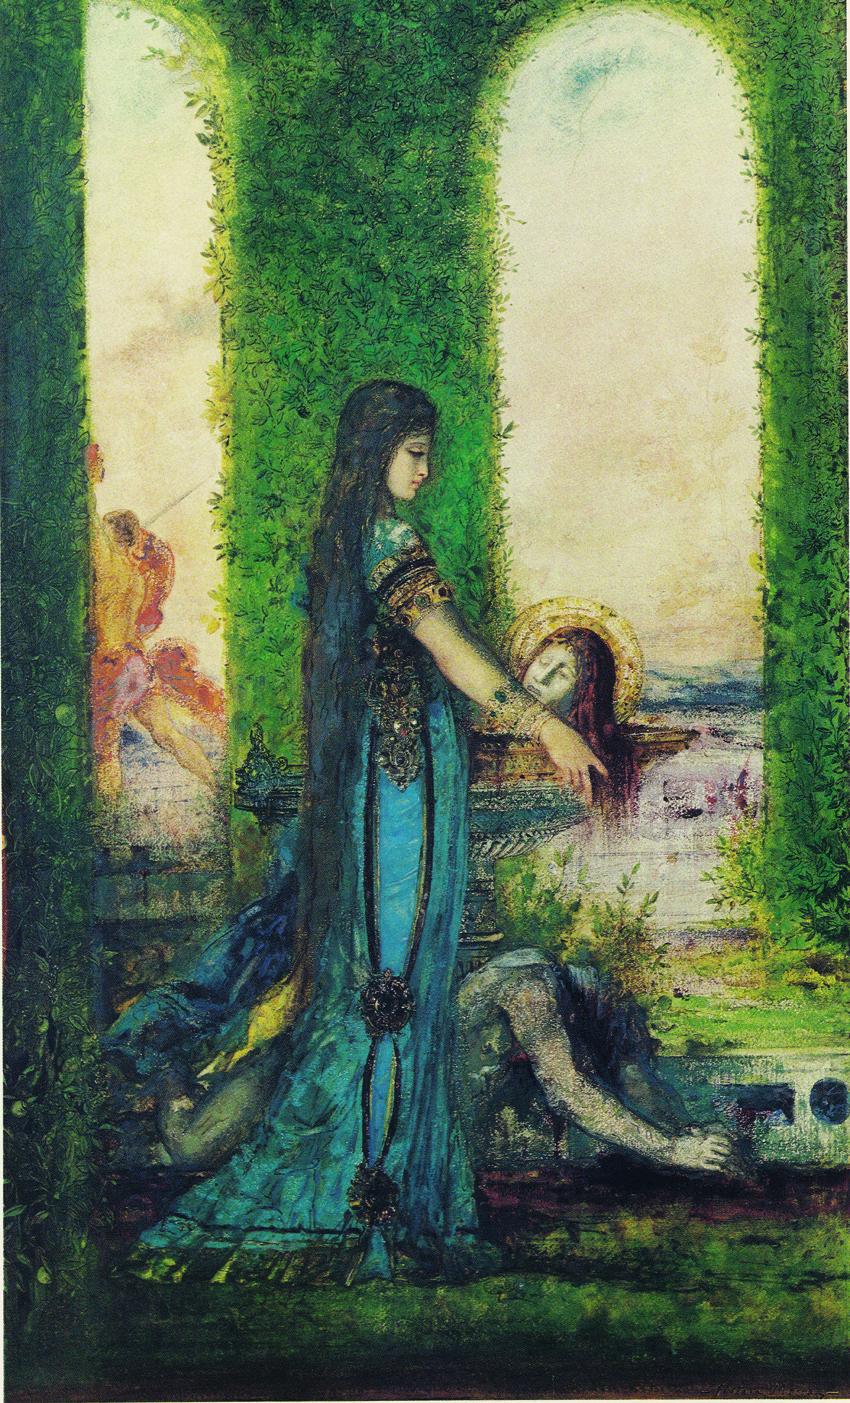 Salomé en el jardín, de Gustave Moreau, 1878, París, colección particular.